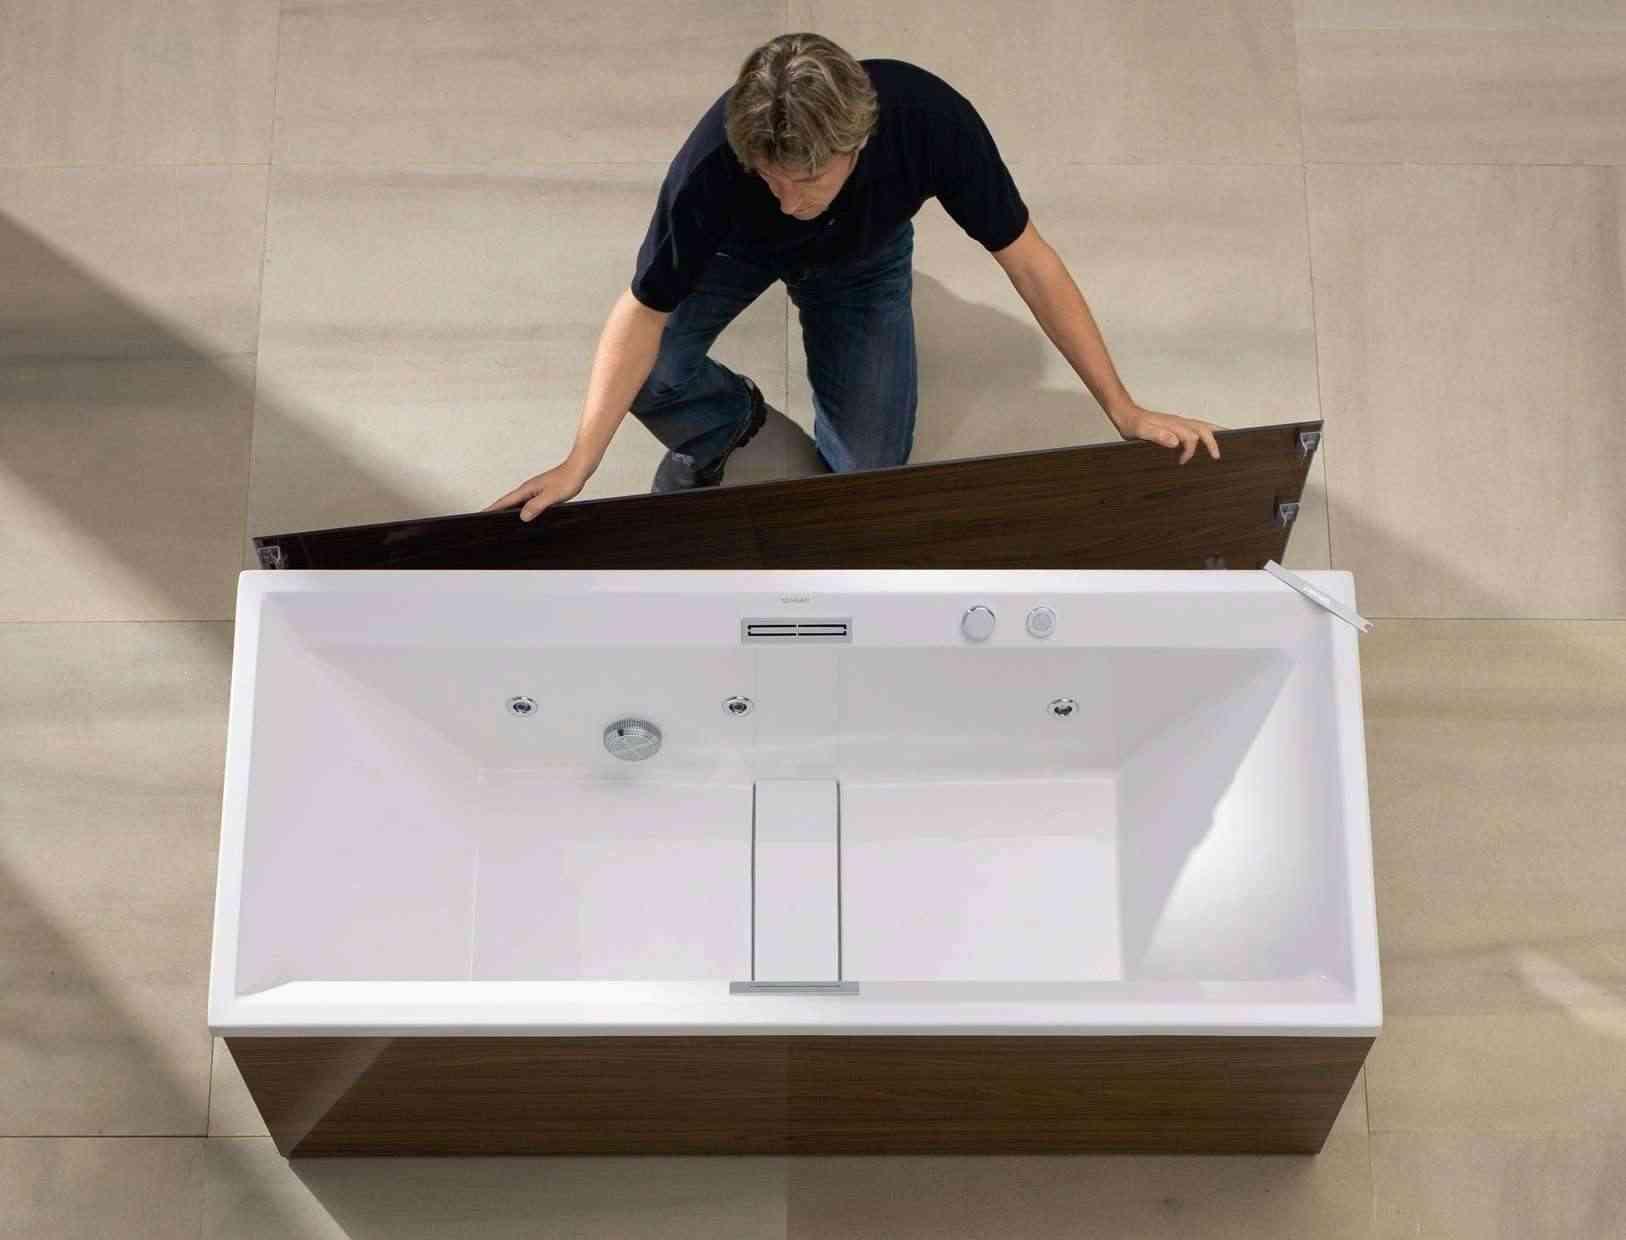 Montando lateral de bañera easyclick